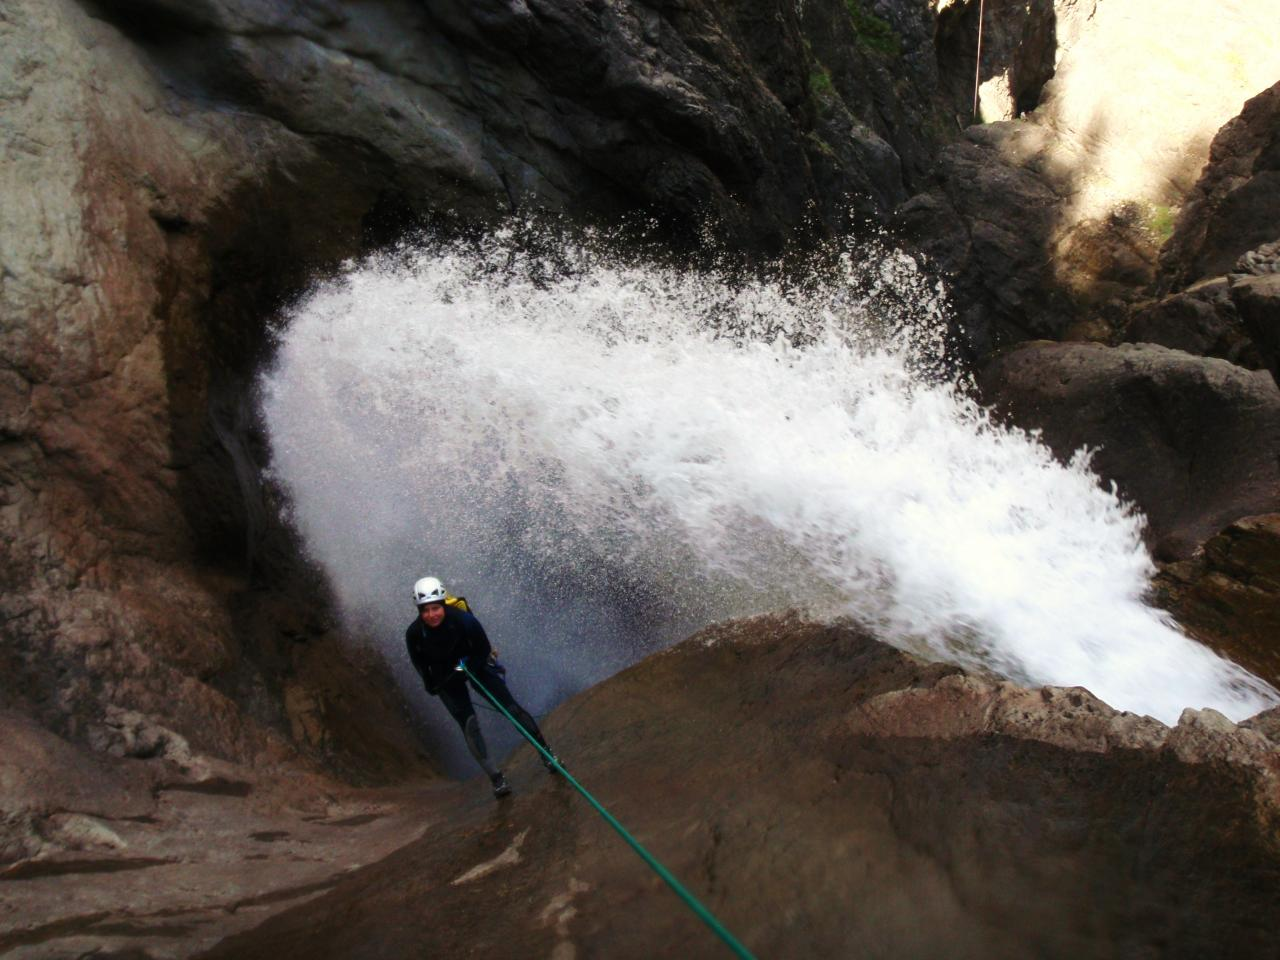 Descente en rappel dans le Canyon des Oulles de Fressynière